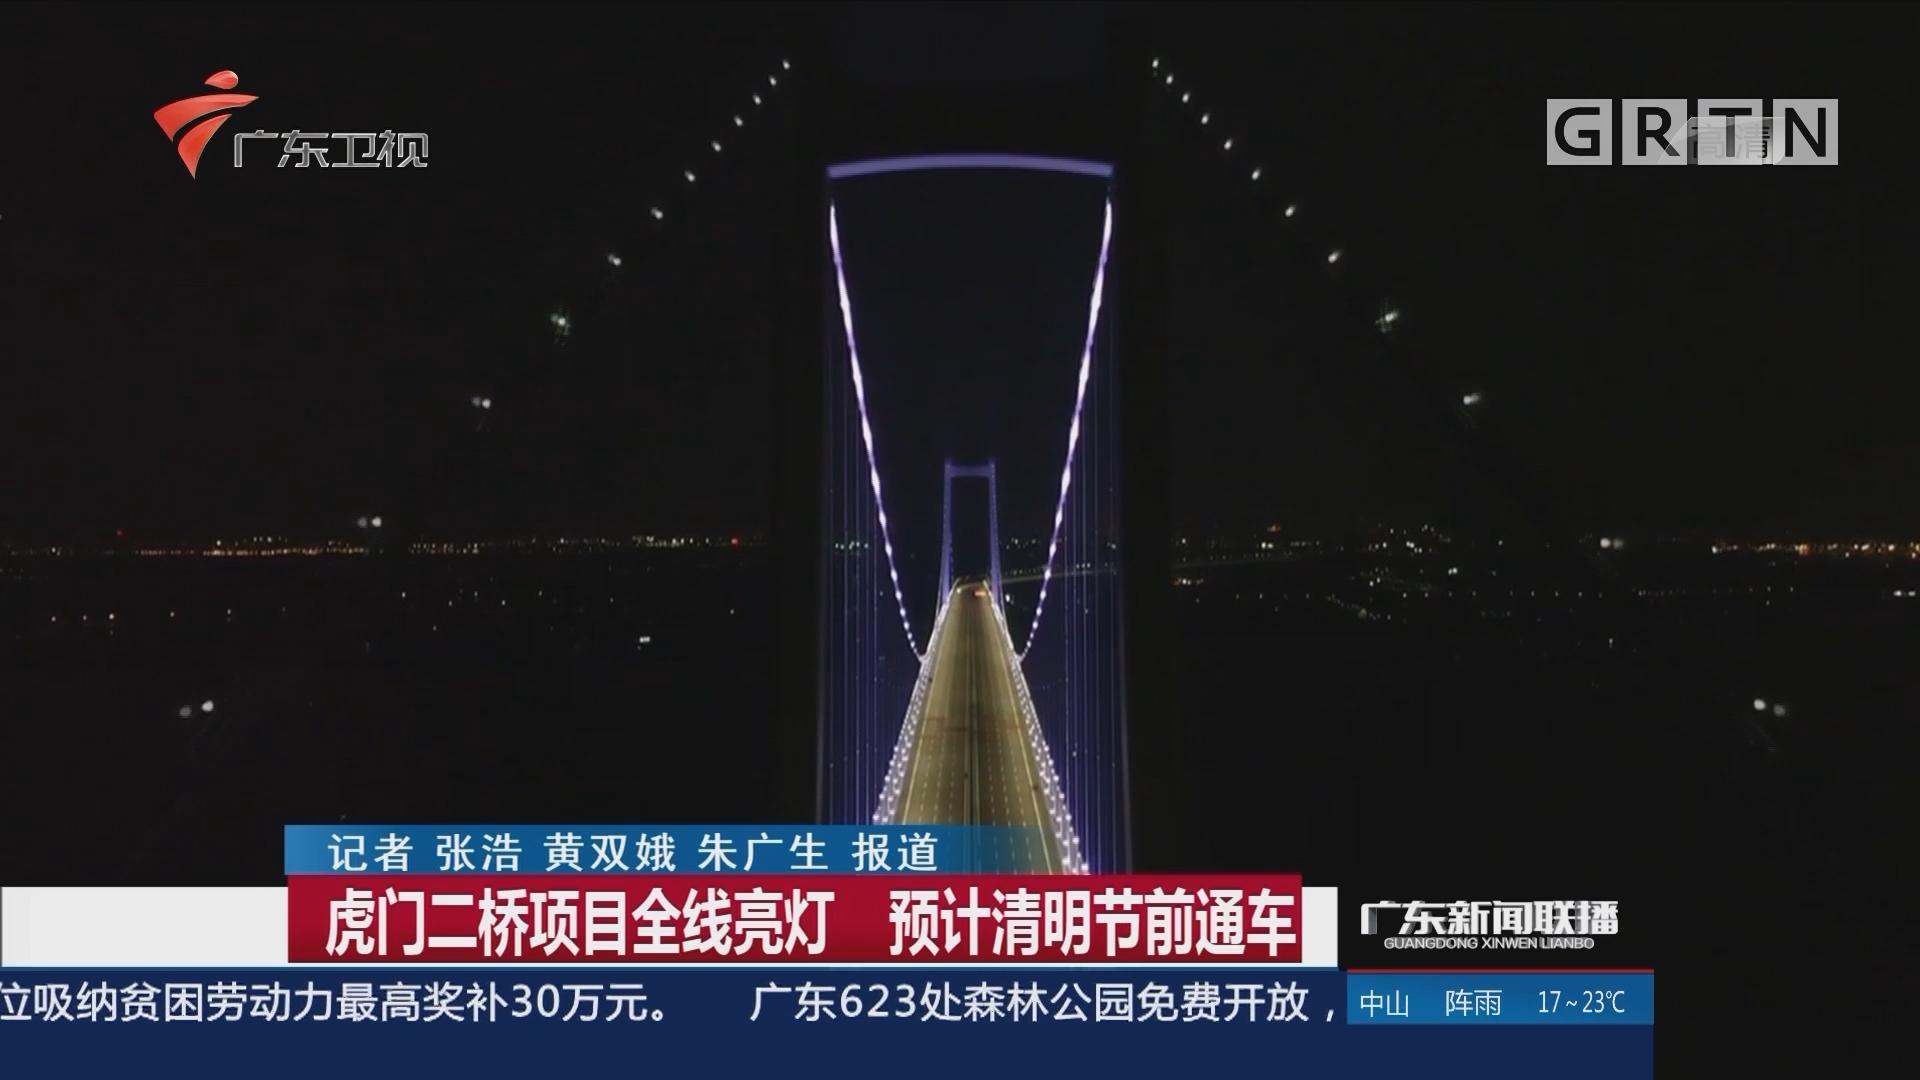 虎门二桥项目全线亮灯 预计清明节前通车